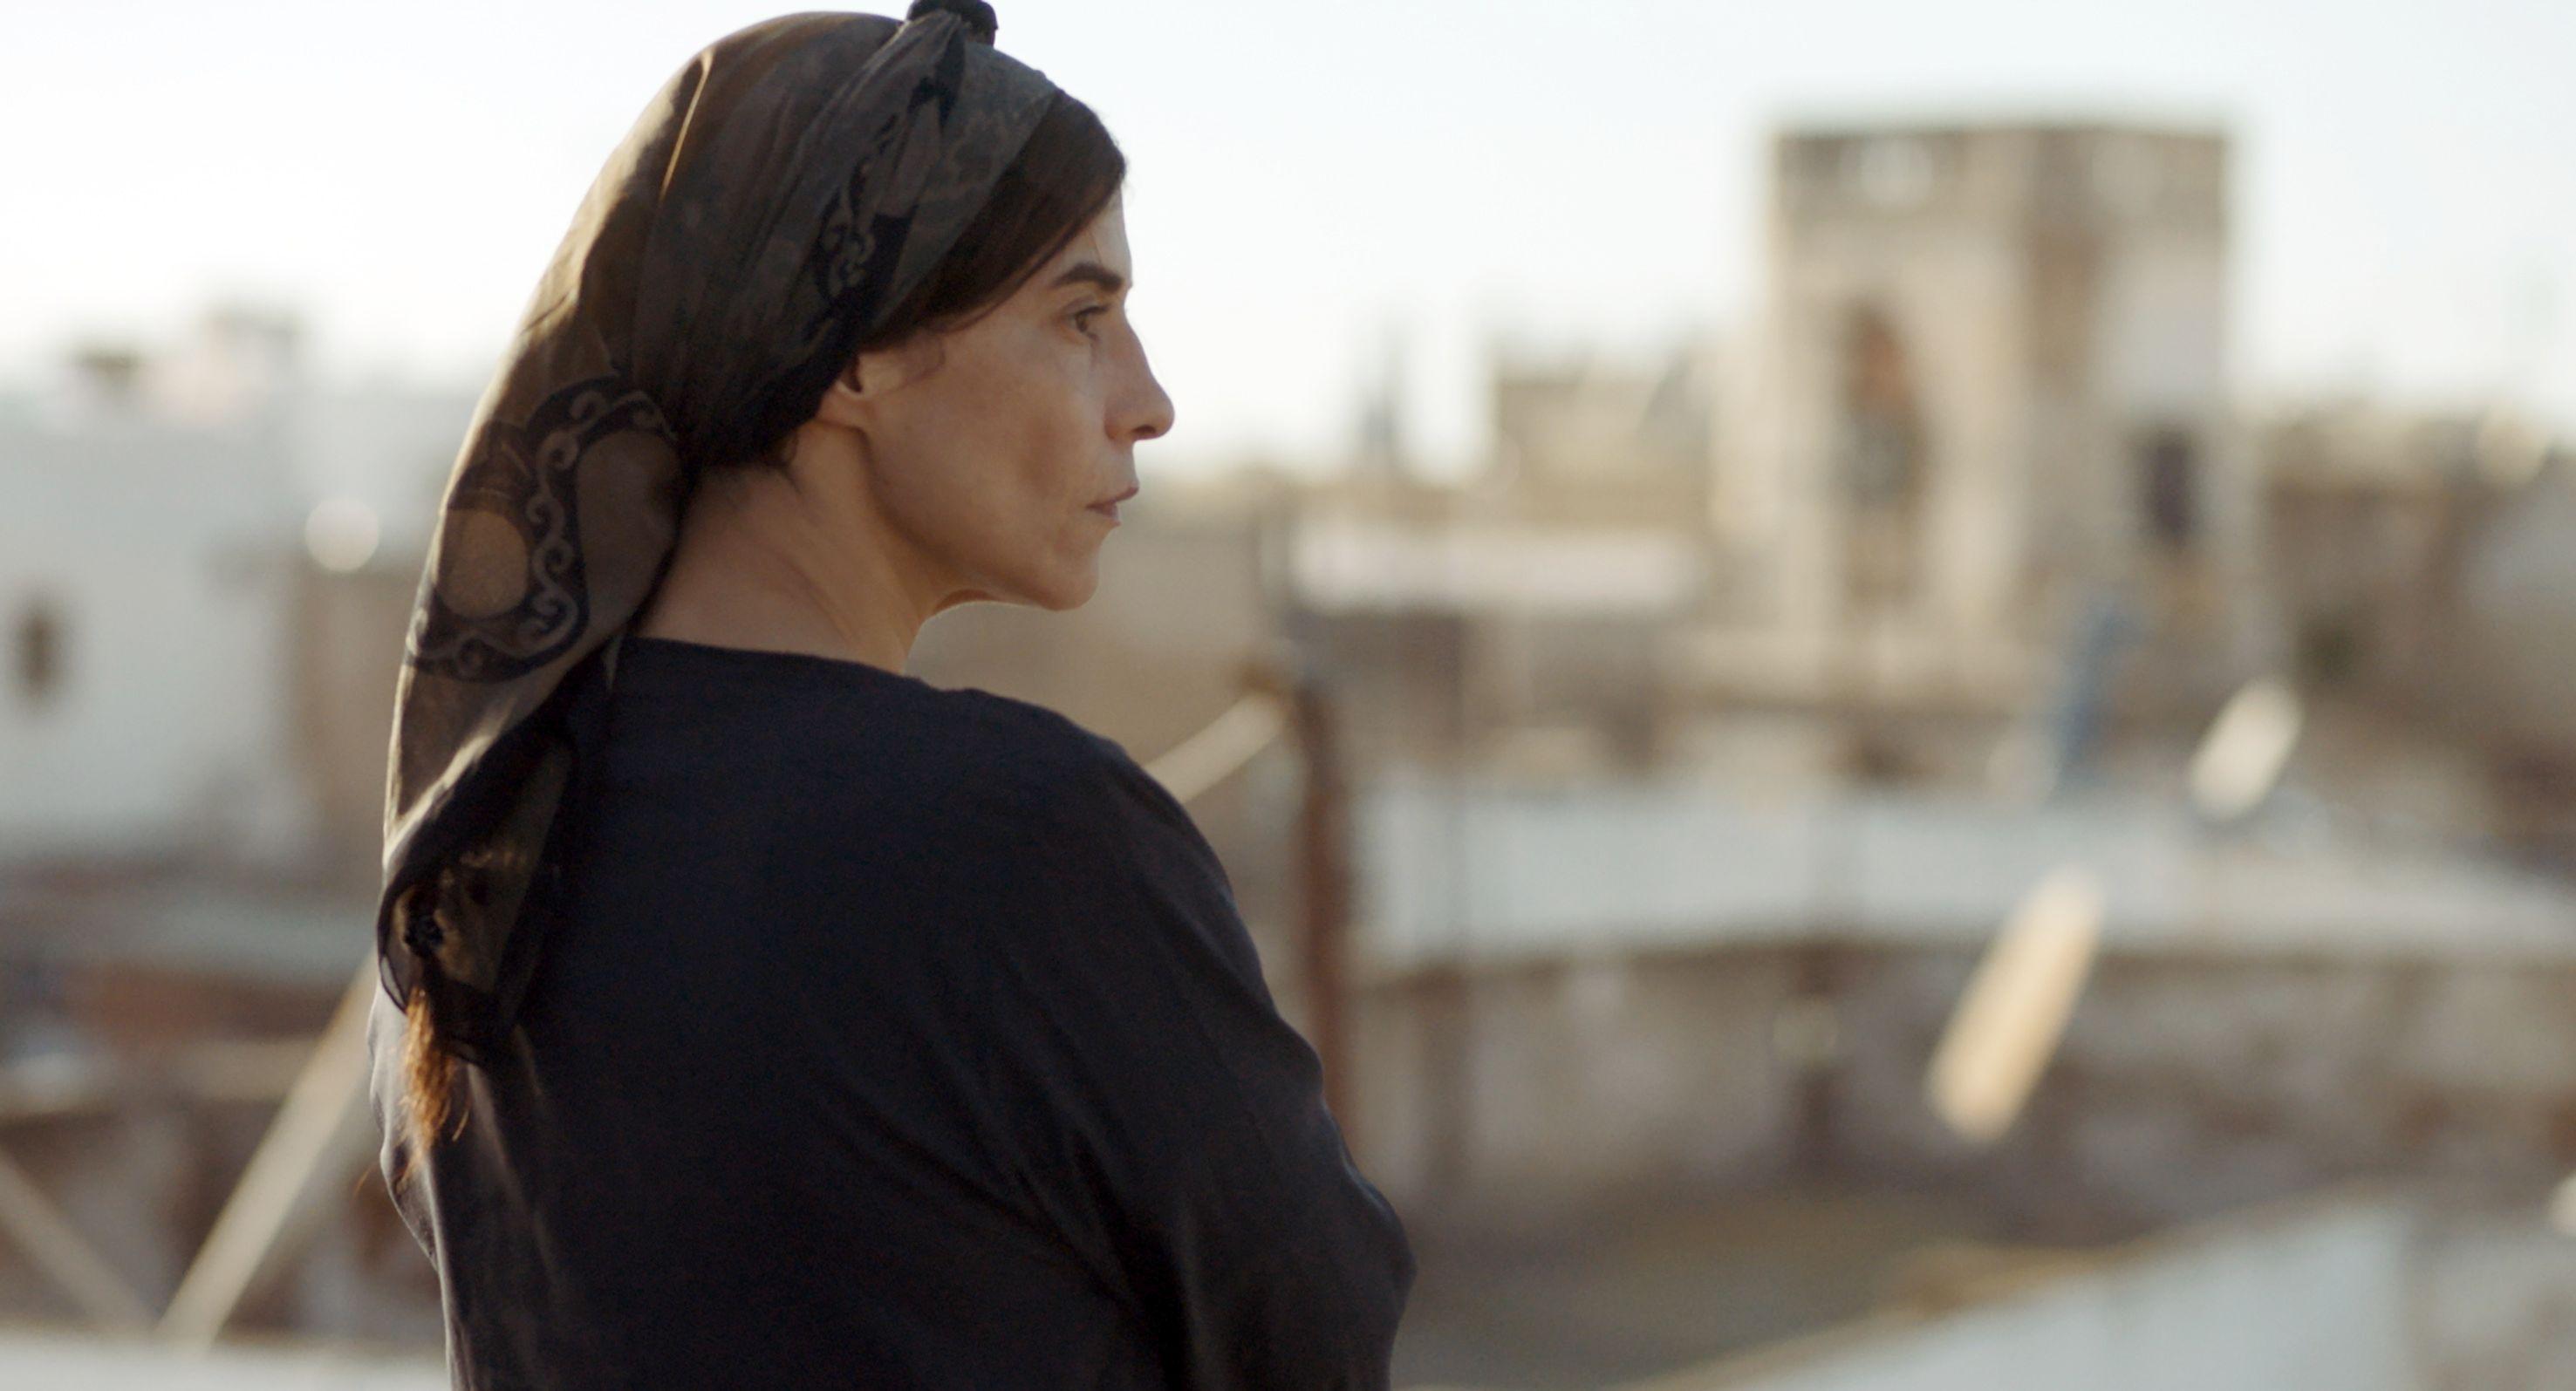 La película 'Adam' dirigida por Maryam Touzani se estrena en cines el 27 de marzo